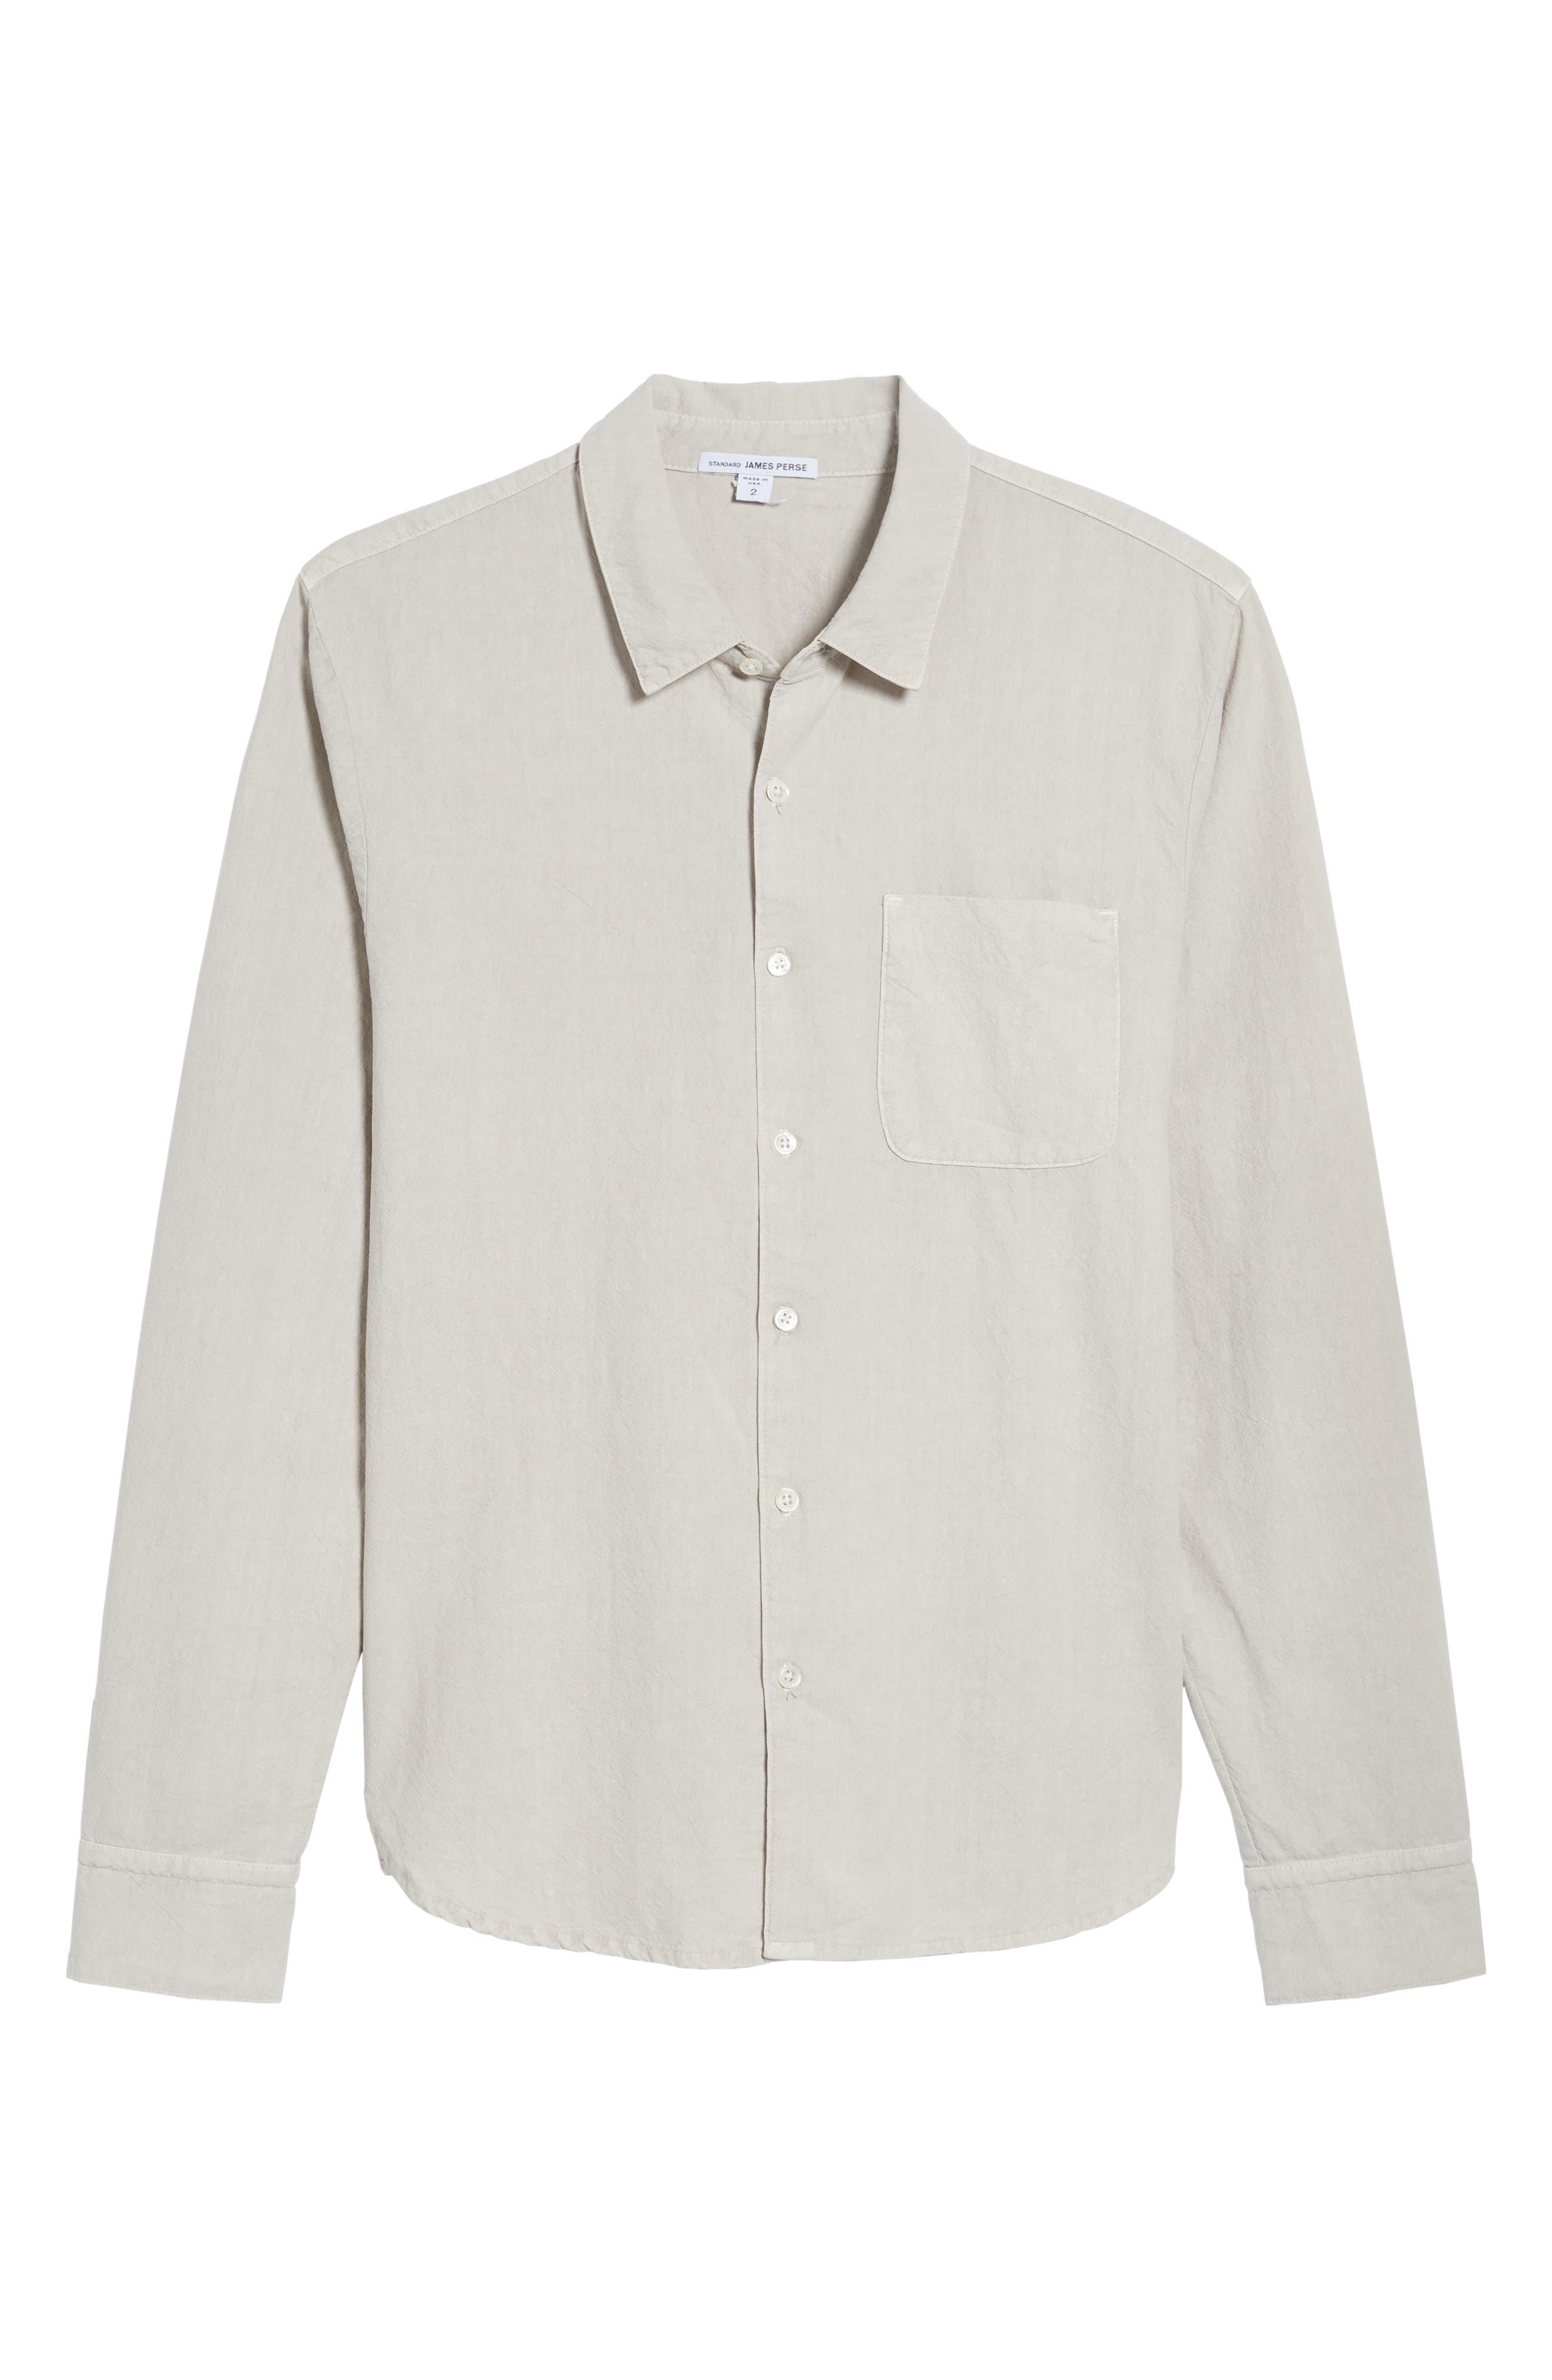 Slim Cotton Sport Shirt,                             Alternate thumbnail 5, color,                             Concrete Dust Pigment